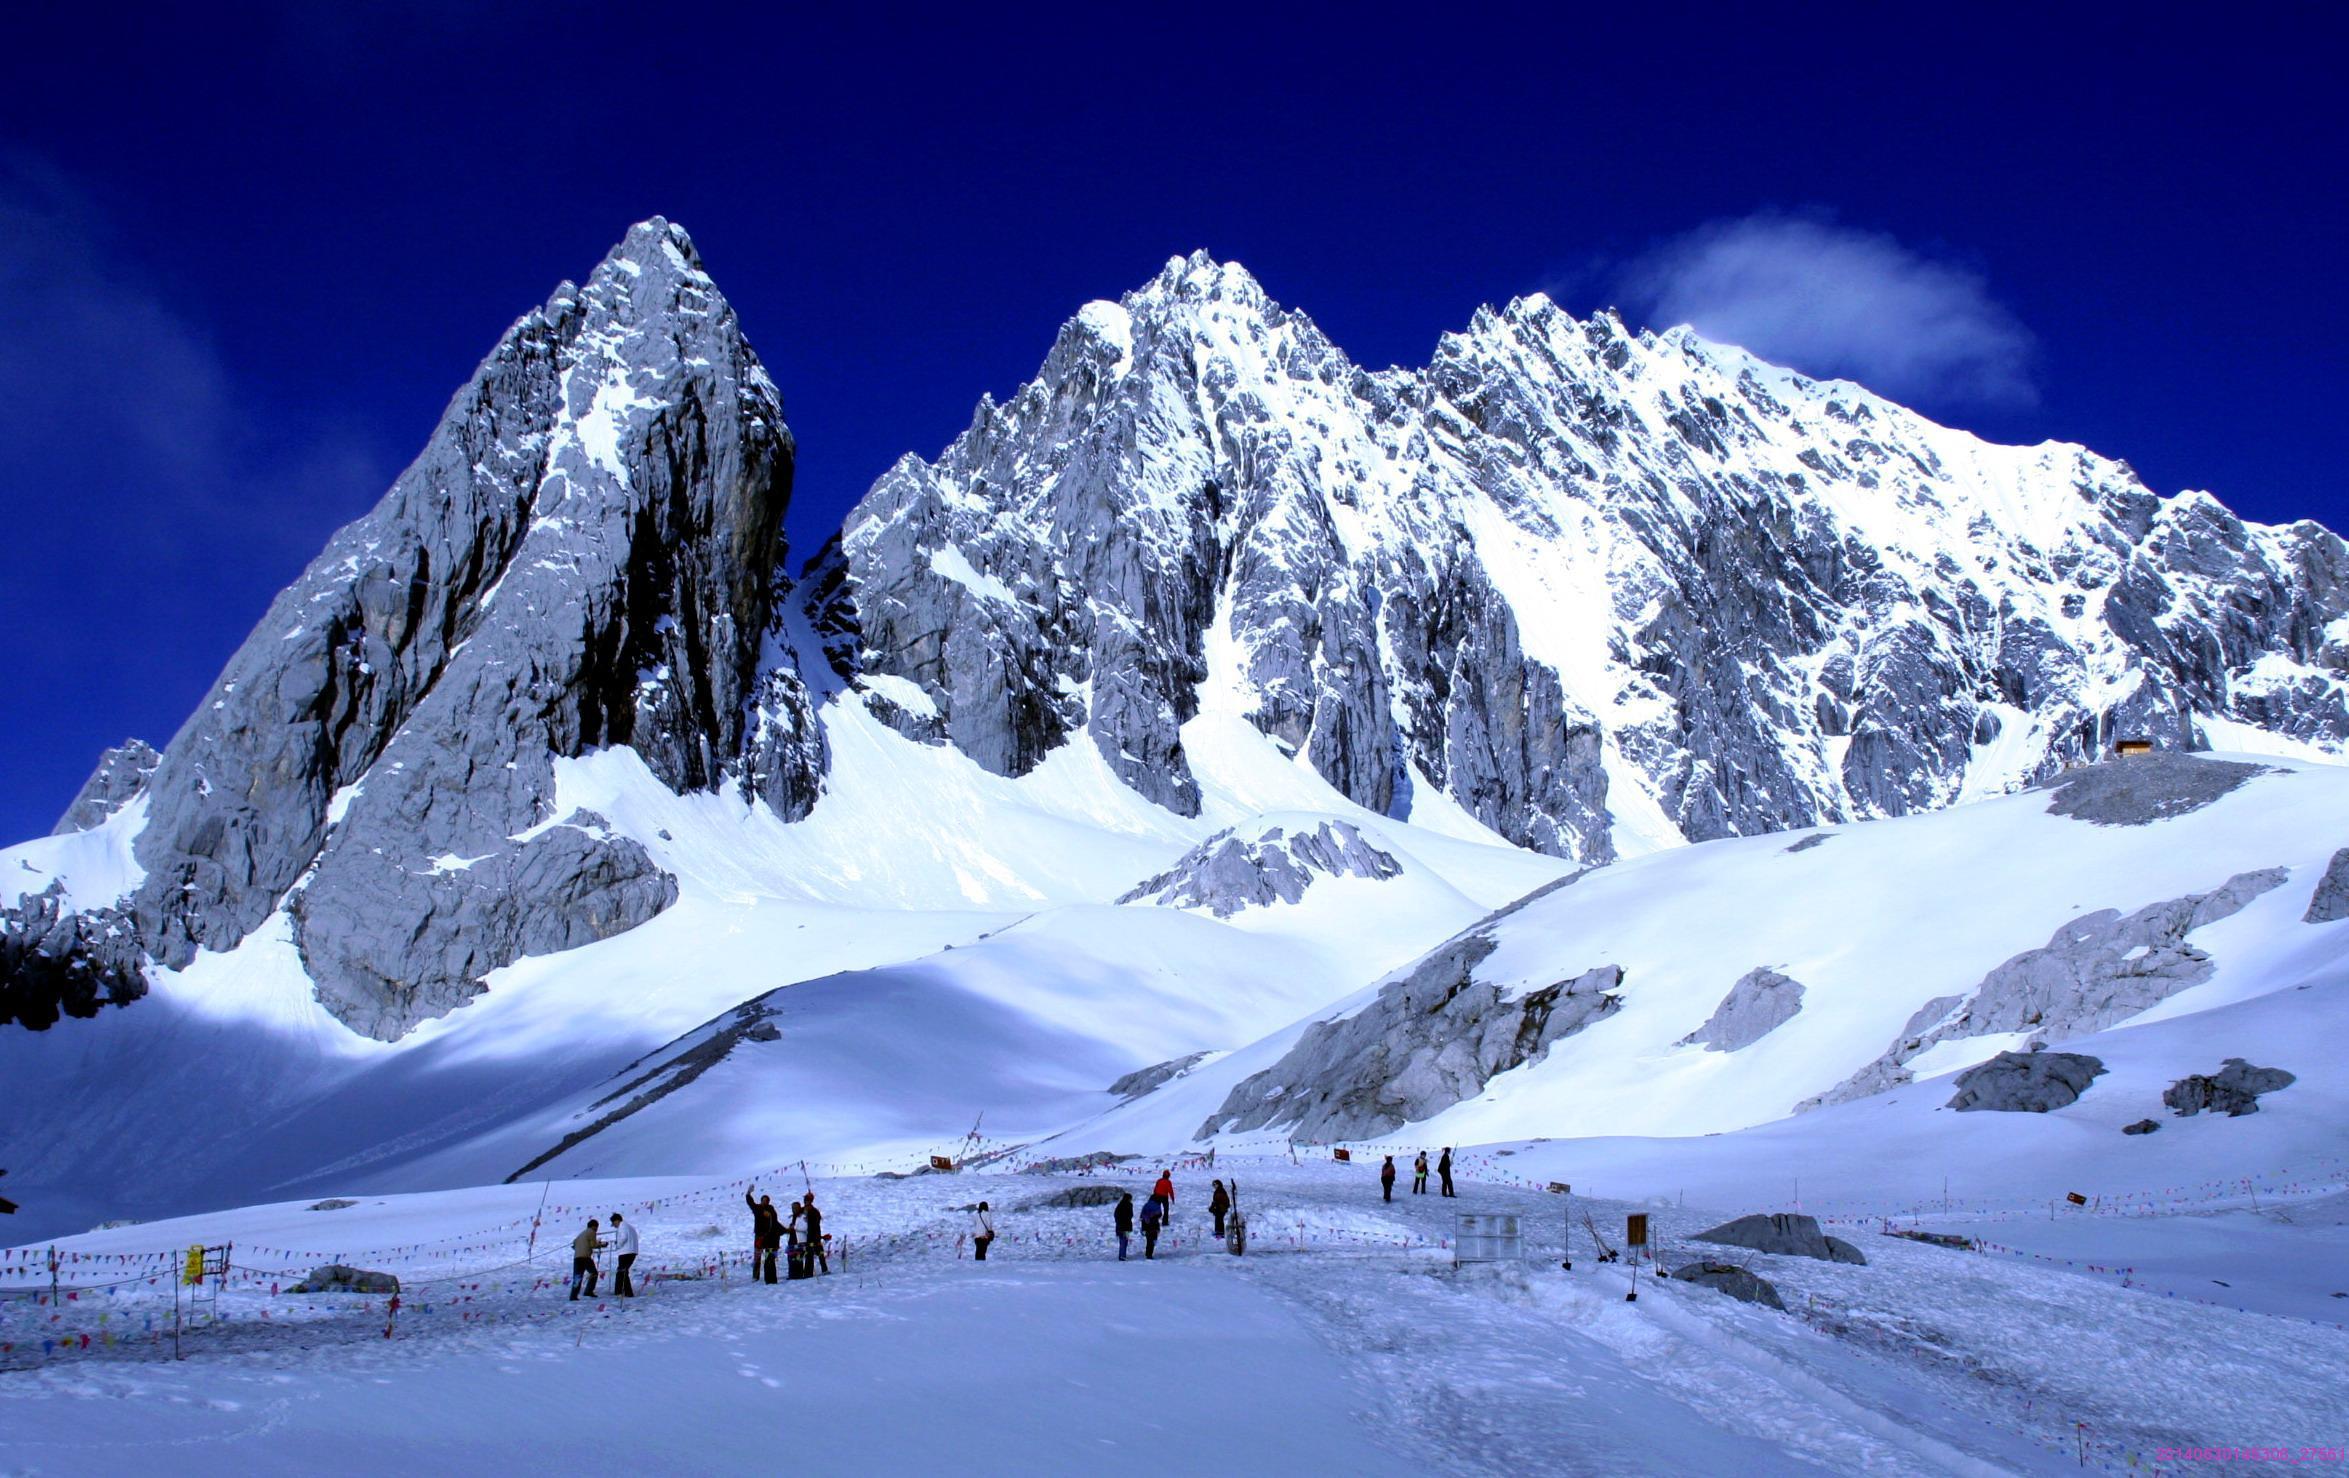 玉龙雪山海拔高度_自驾游去玉龙雪山,不跟团买票和出行方便吗